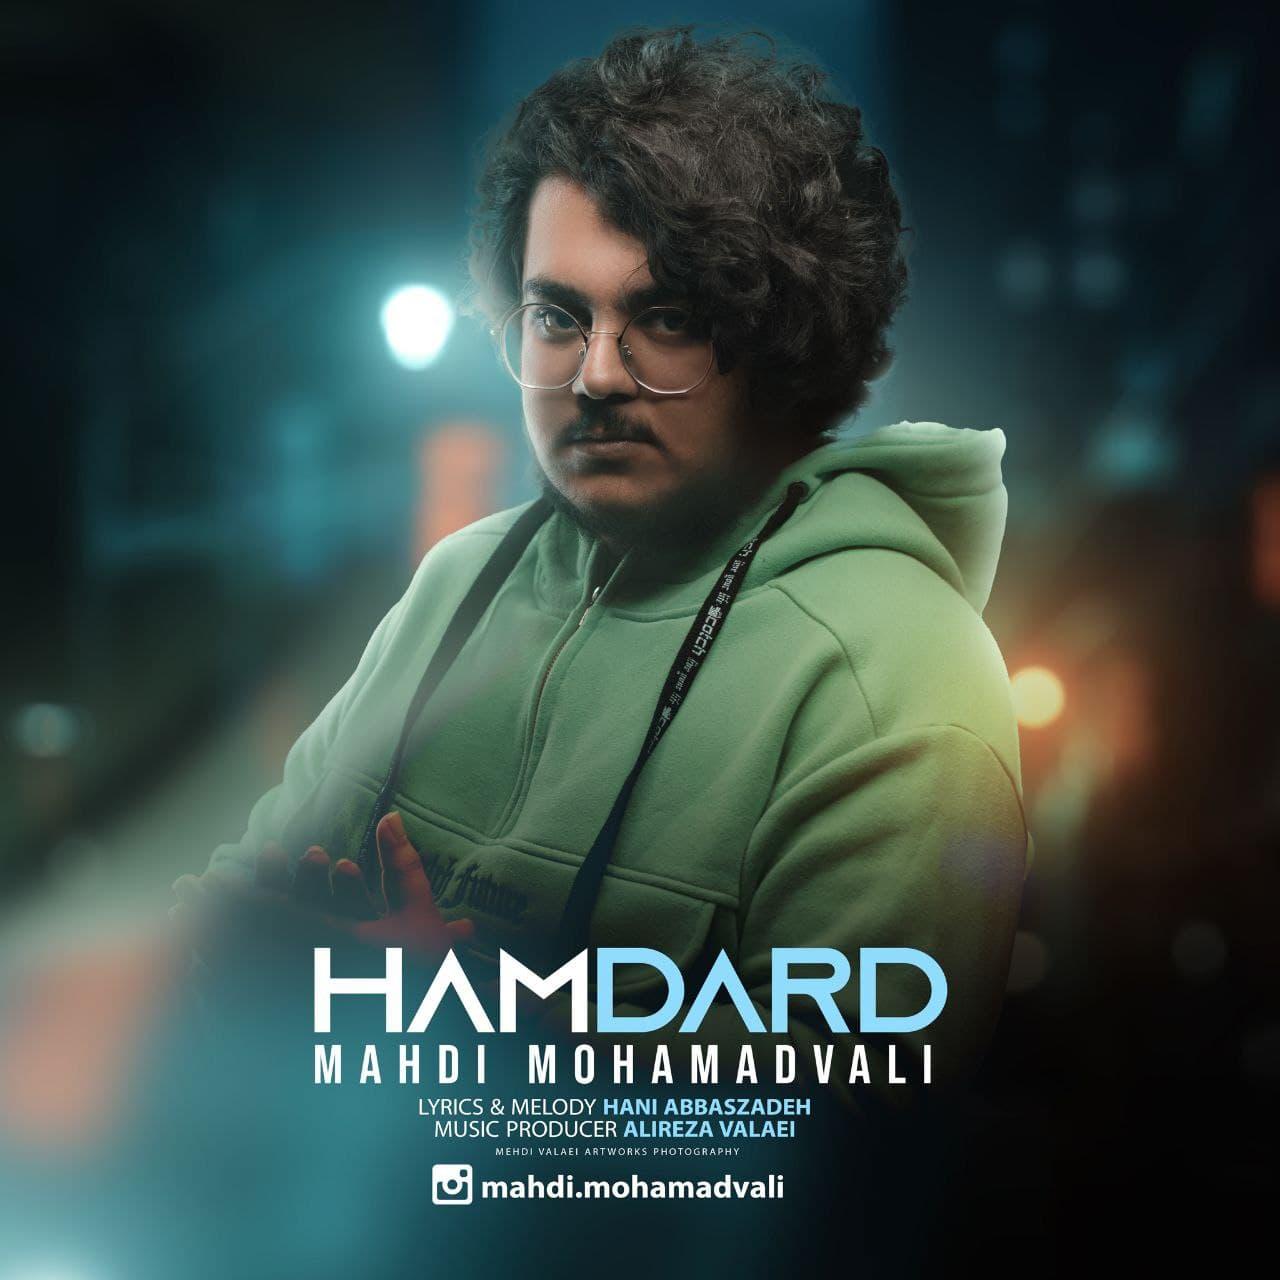 Mahdi Mohamadvali – Hamdard